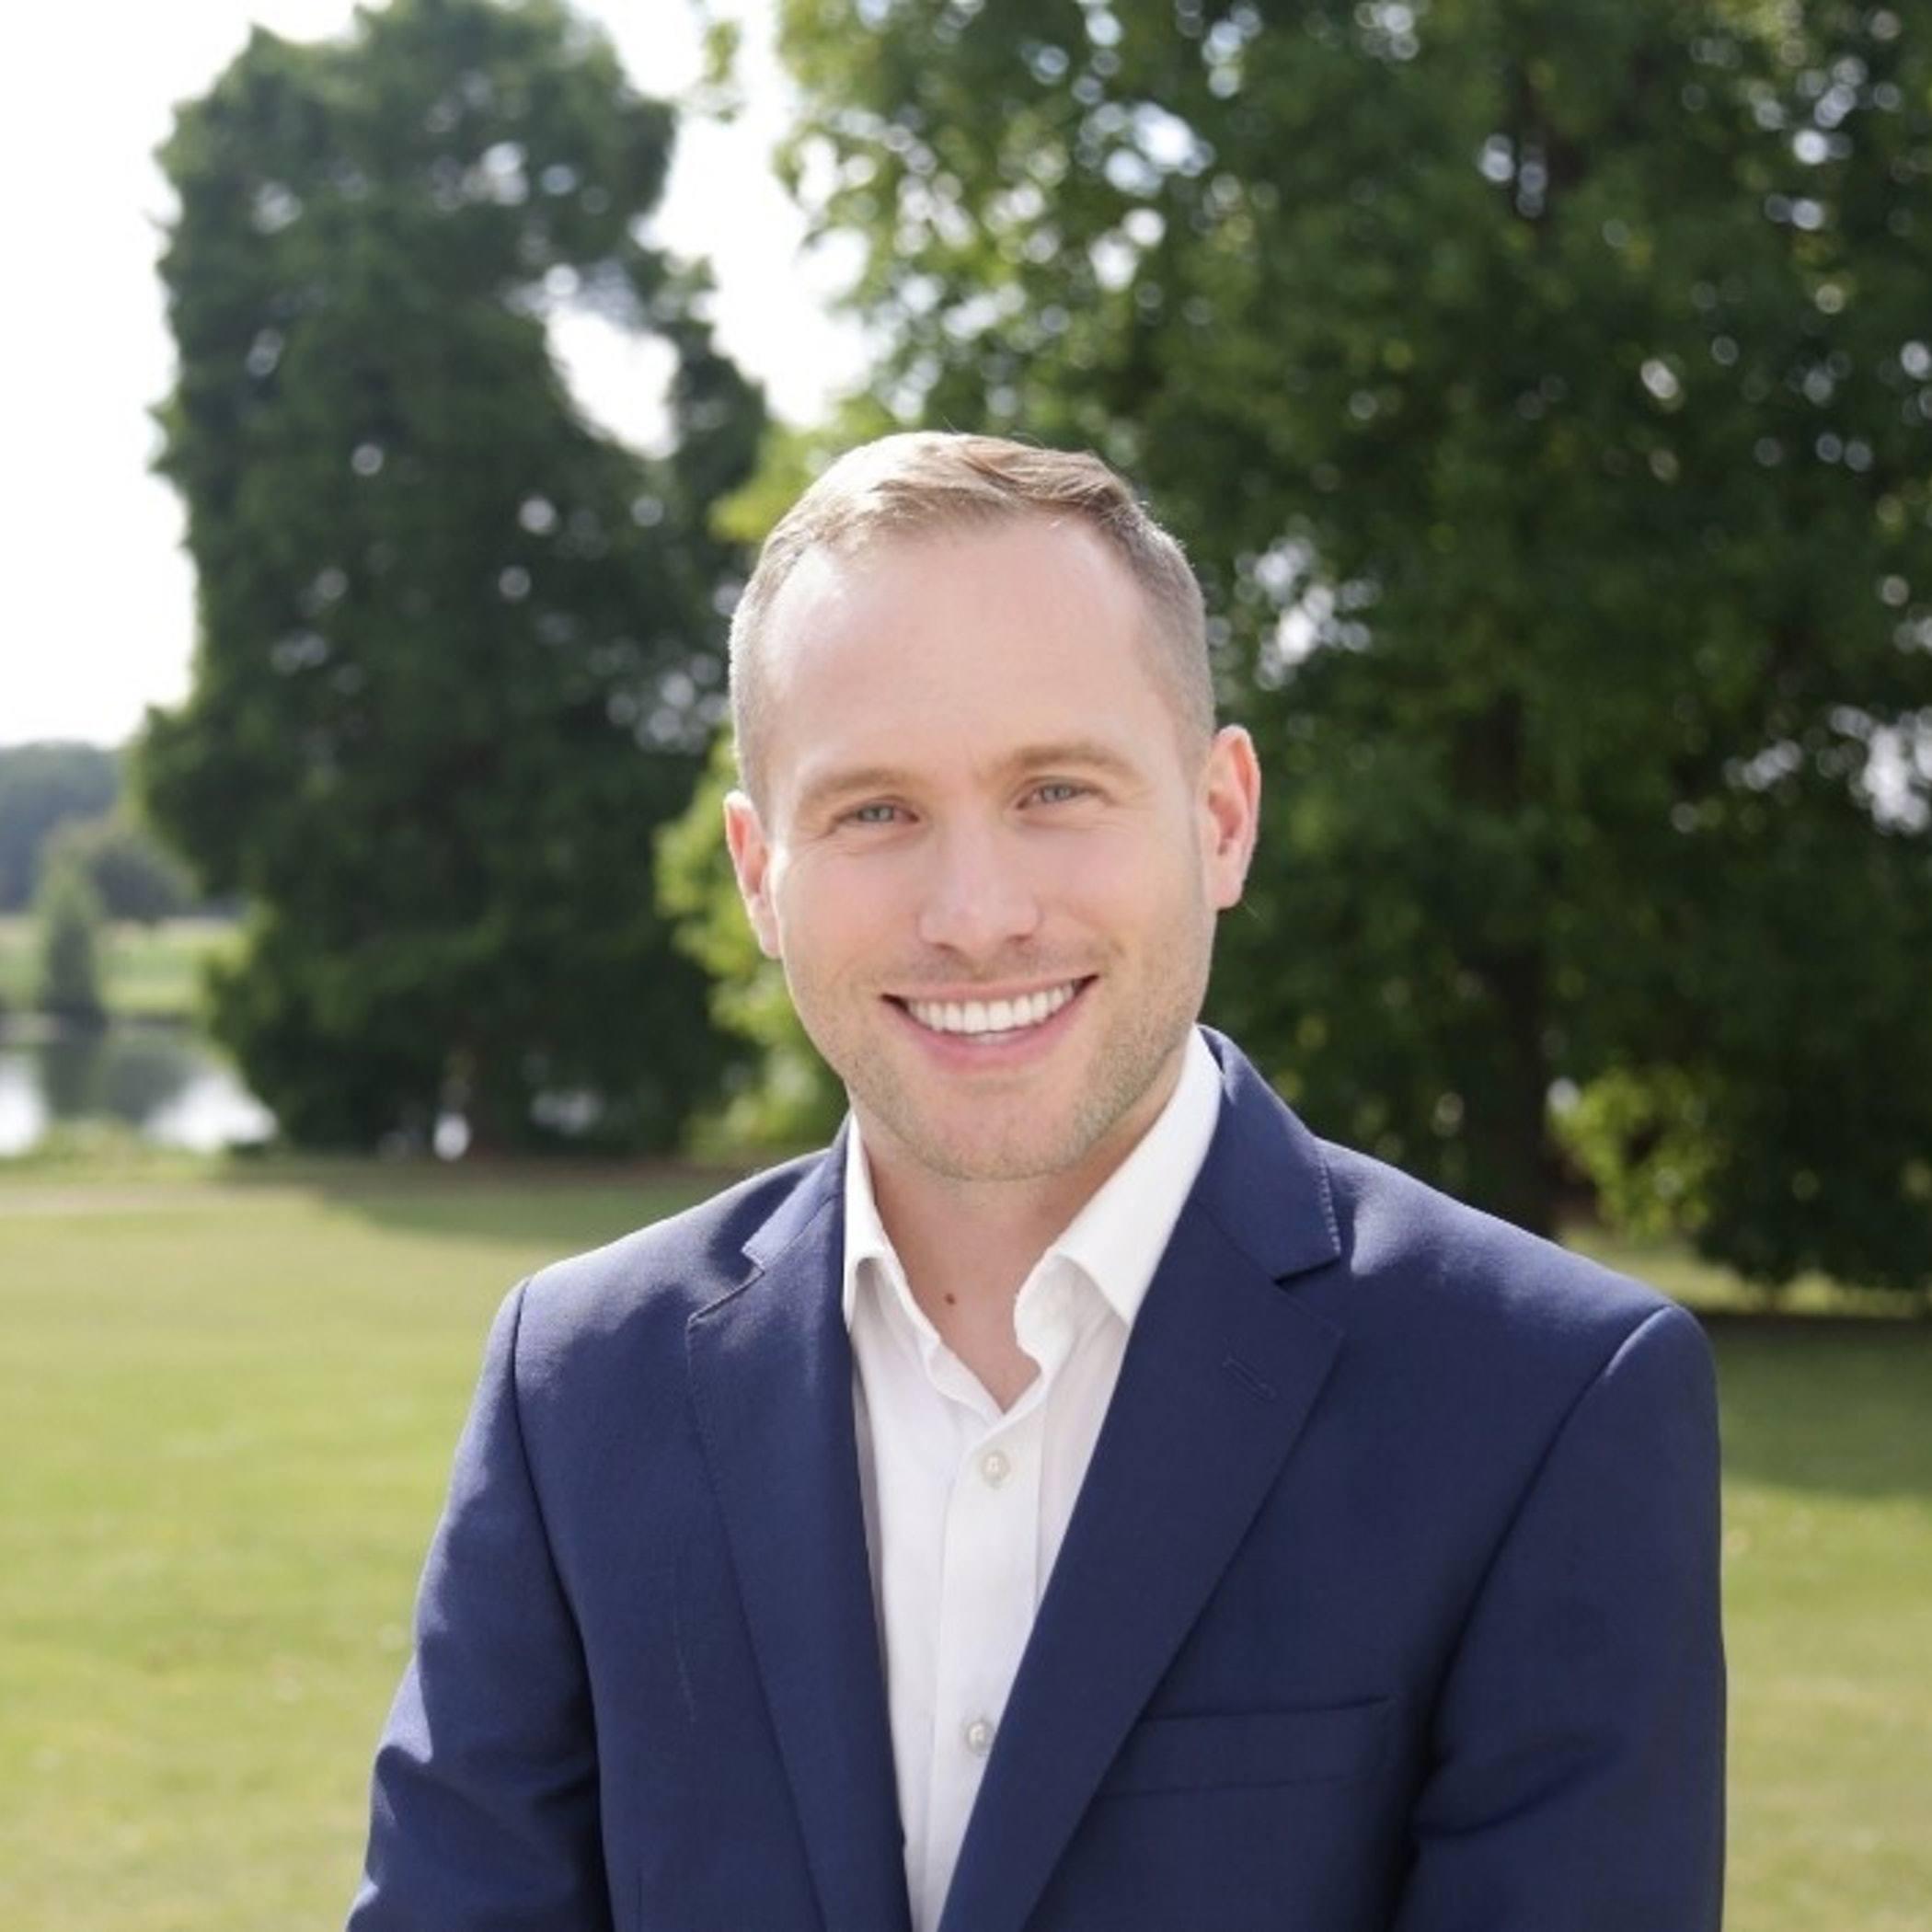 Ben Laker Photo 2